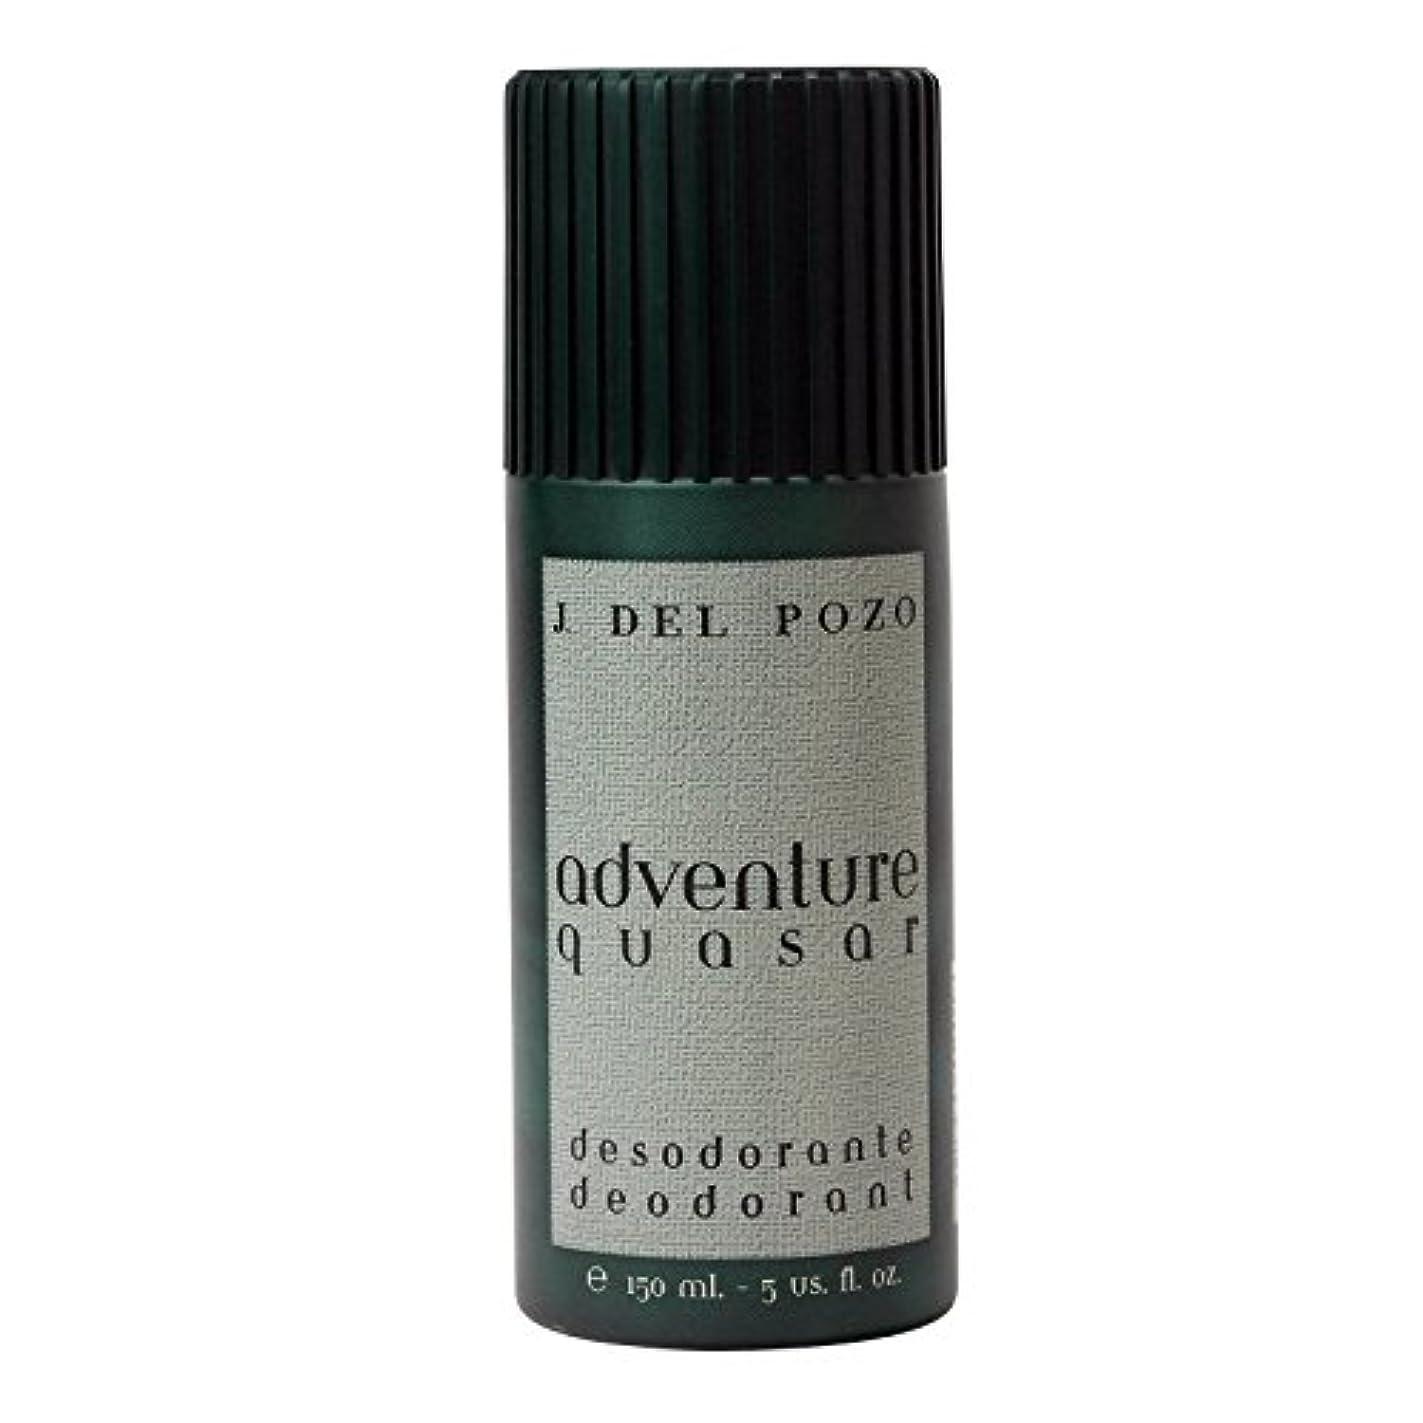 船乗り蒸し器人物Adventure Quasar (アドベンチャー クエイサー) 5.0 oz (150ml) Deodorant Spray by J. Del Pozo for Men